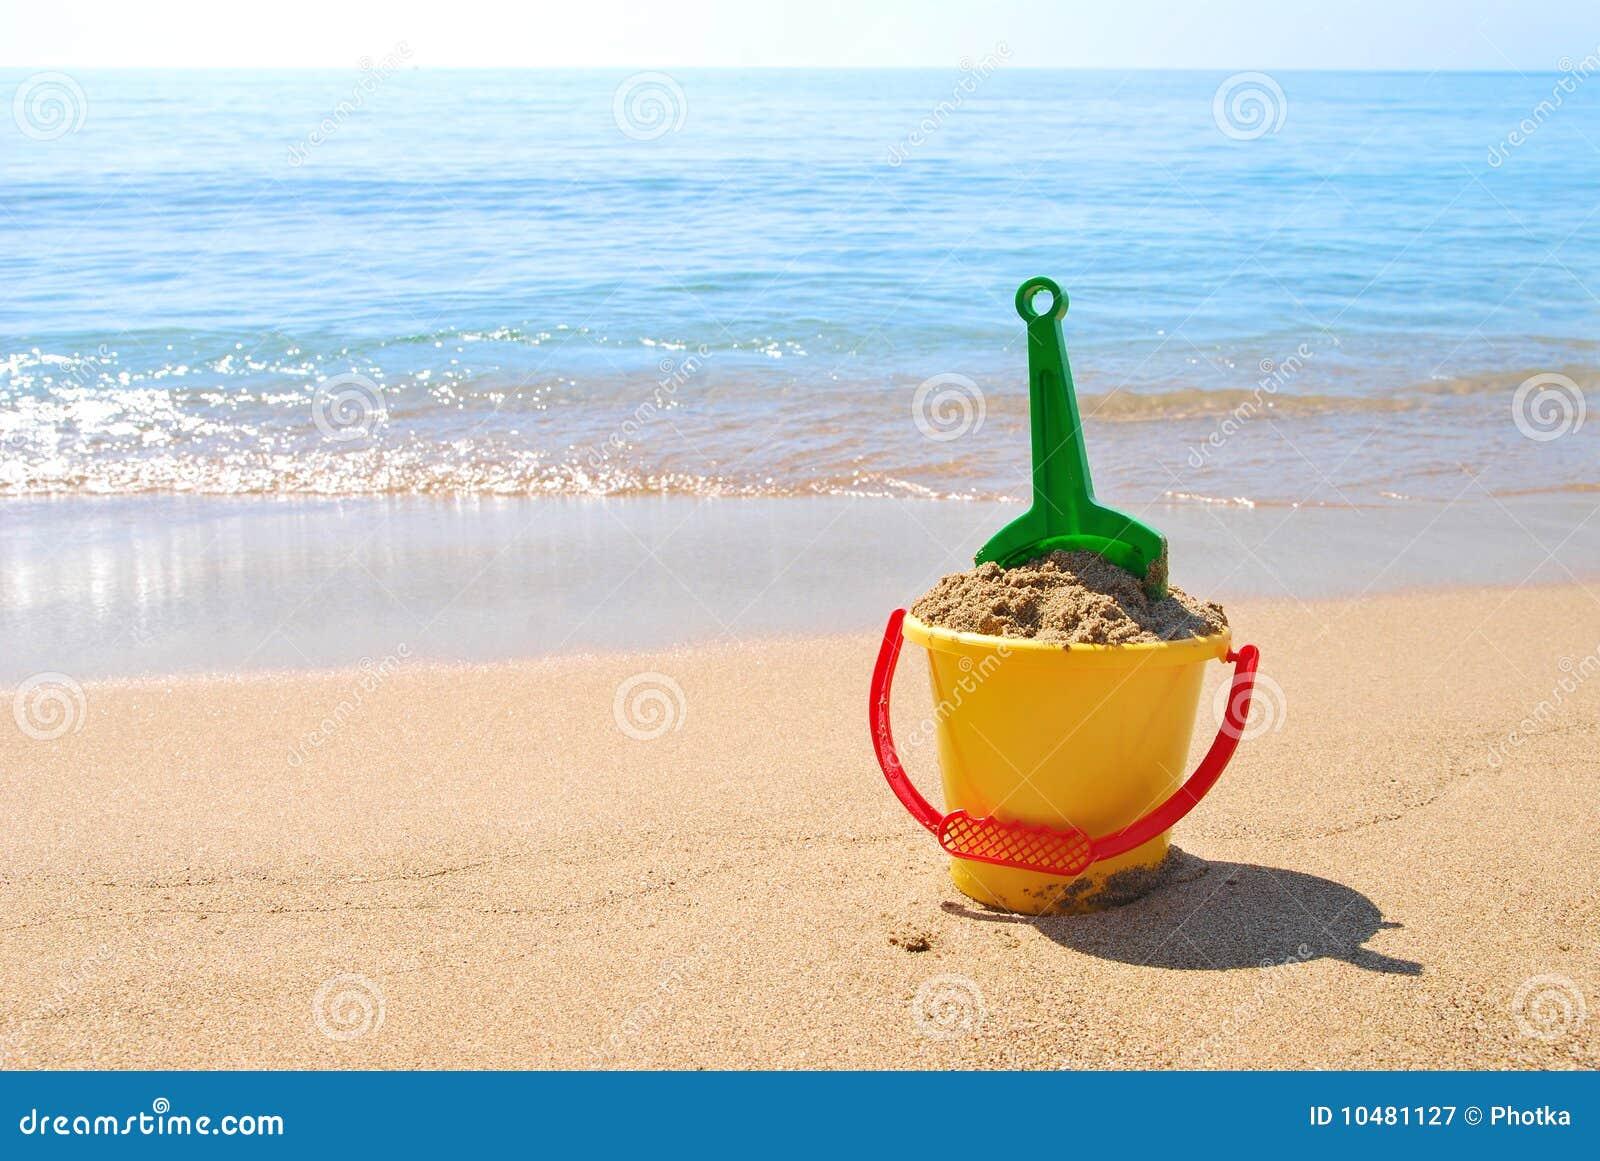 Spielwaren auf dem Strand